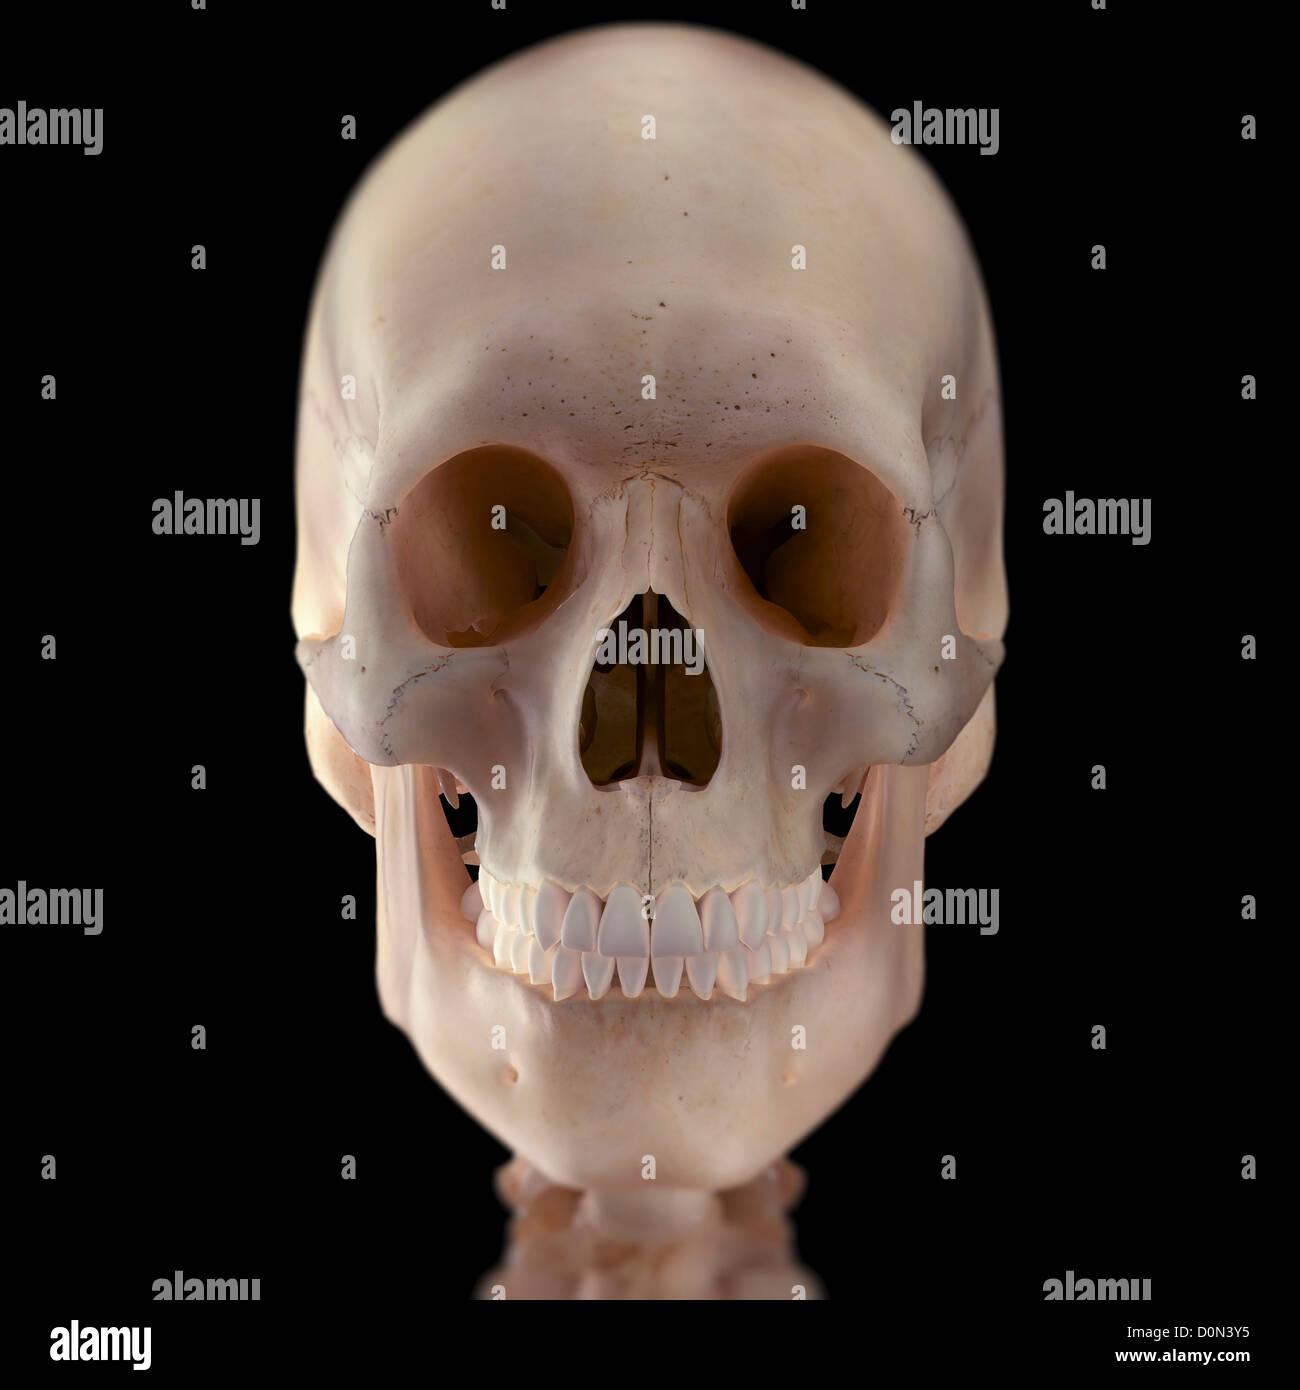 Nett Gesichts Skelett Anatomie Zeitgenössisch - Menschliche Anatomie ...